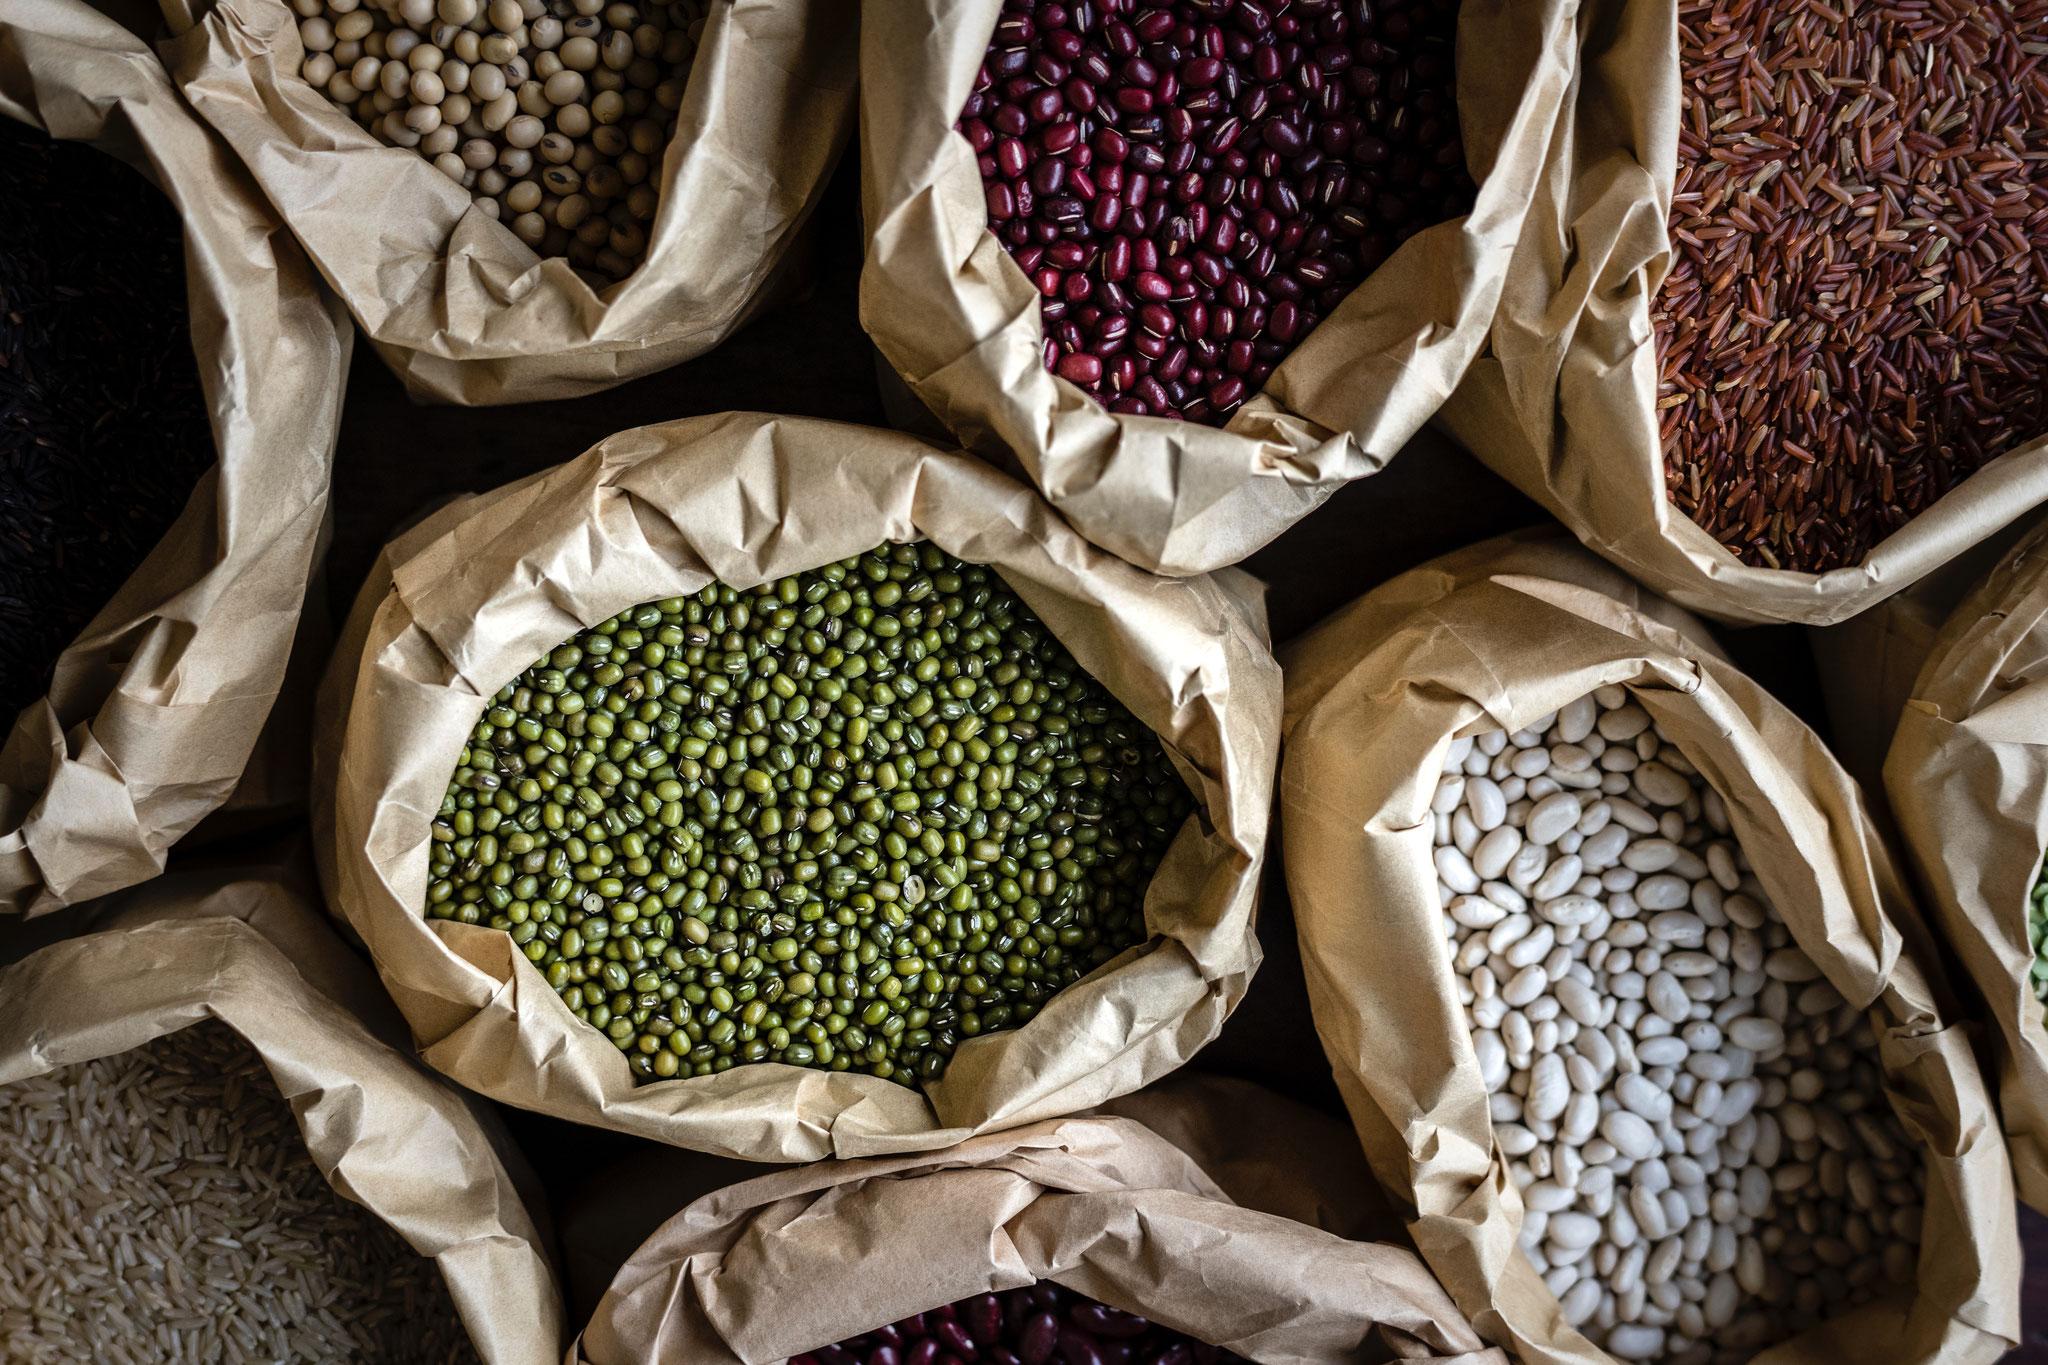 Ballaststoffe: Hülsenfrüchte wie Linsen, Bohnen und Kichererbsen gelten als Fatburner